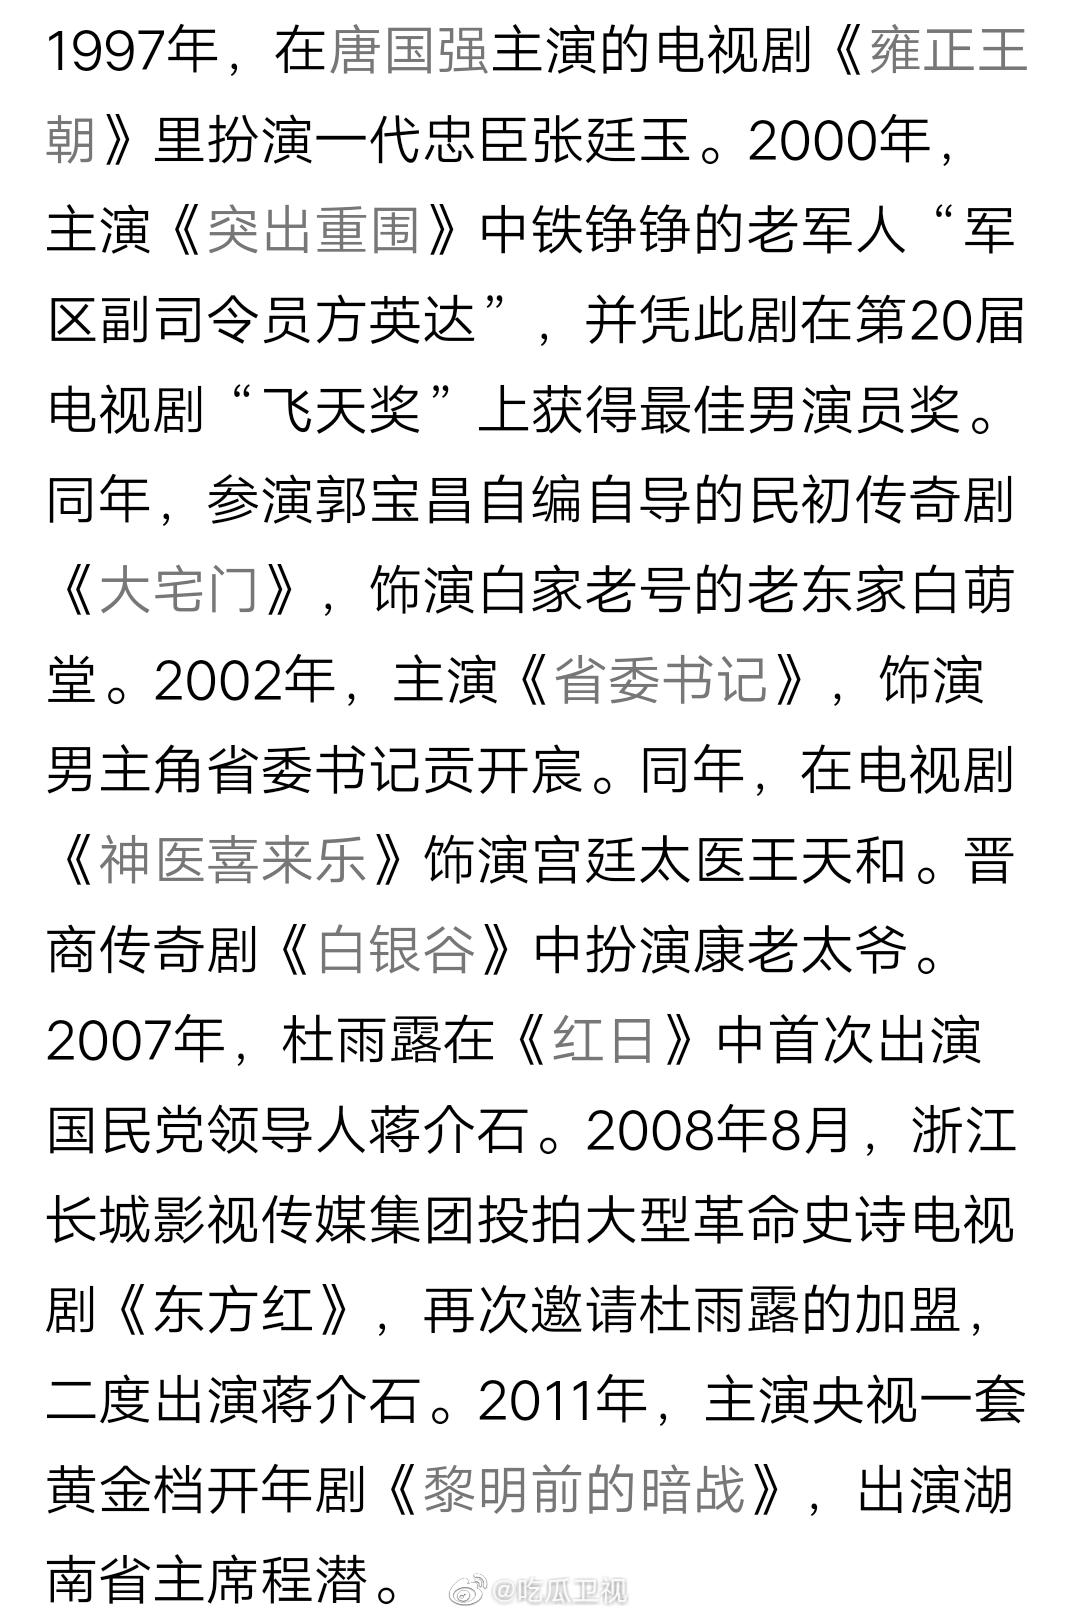 王太医,张廷玉,白萌堂……真正的老戏骨好演员,就如老爷子所说